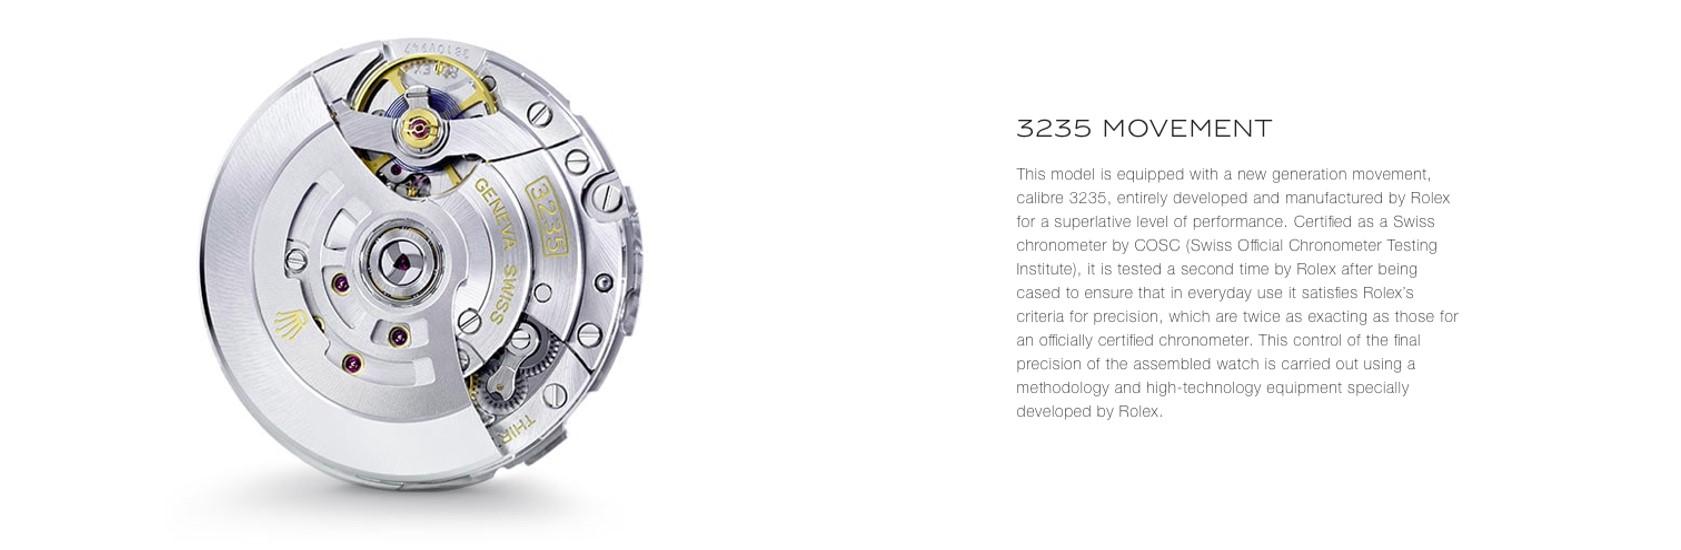 Rolex online product description